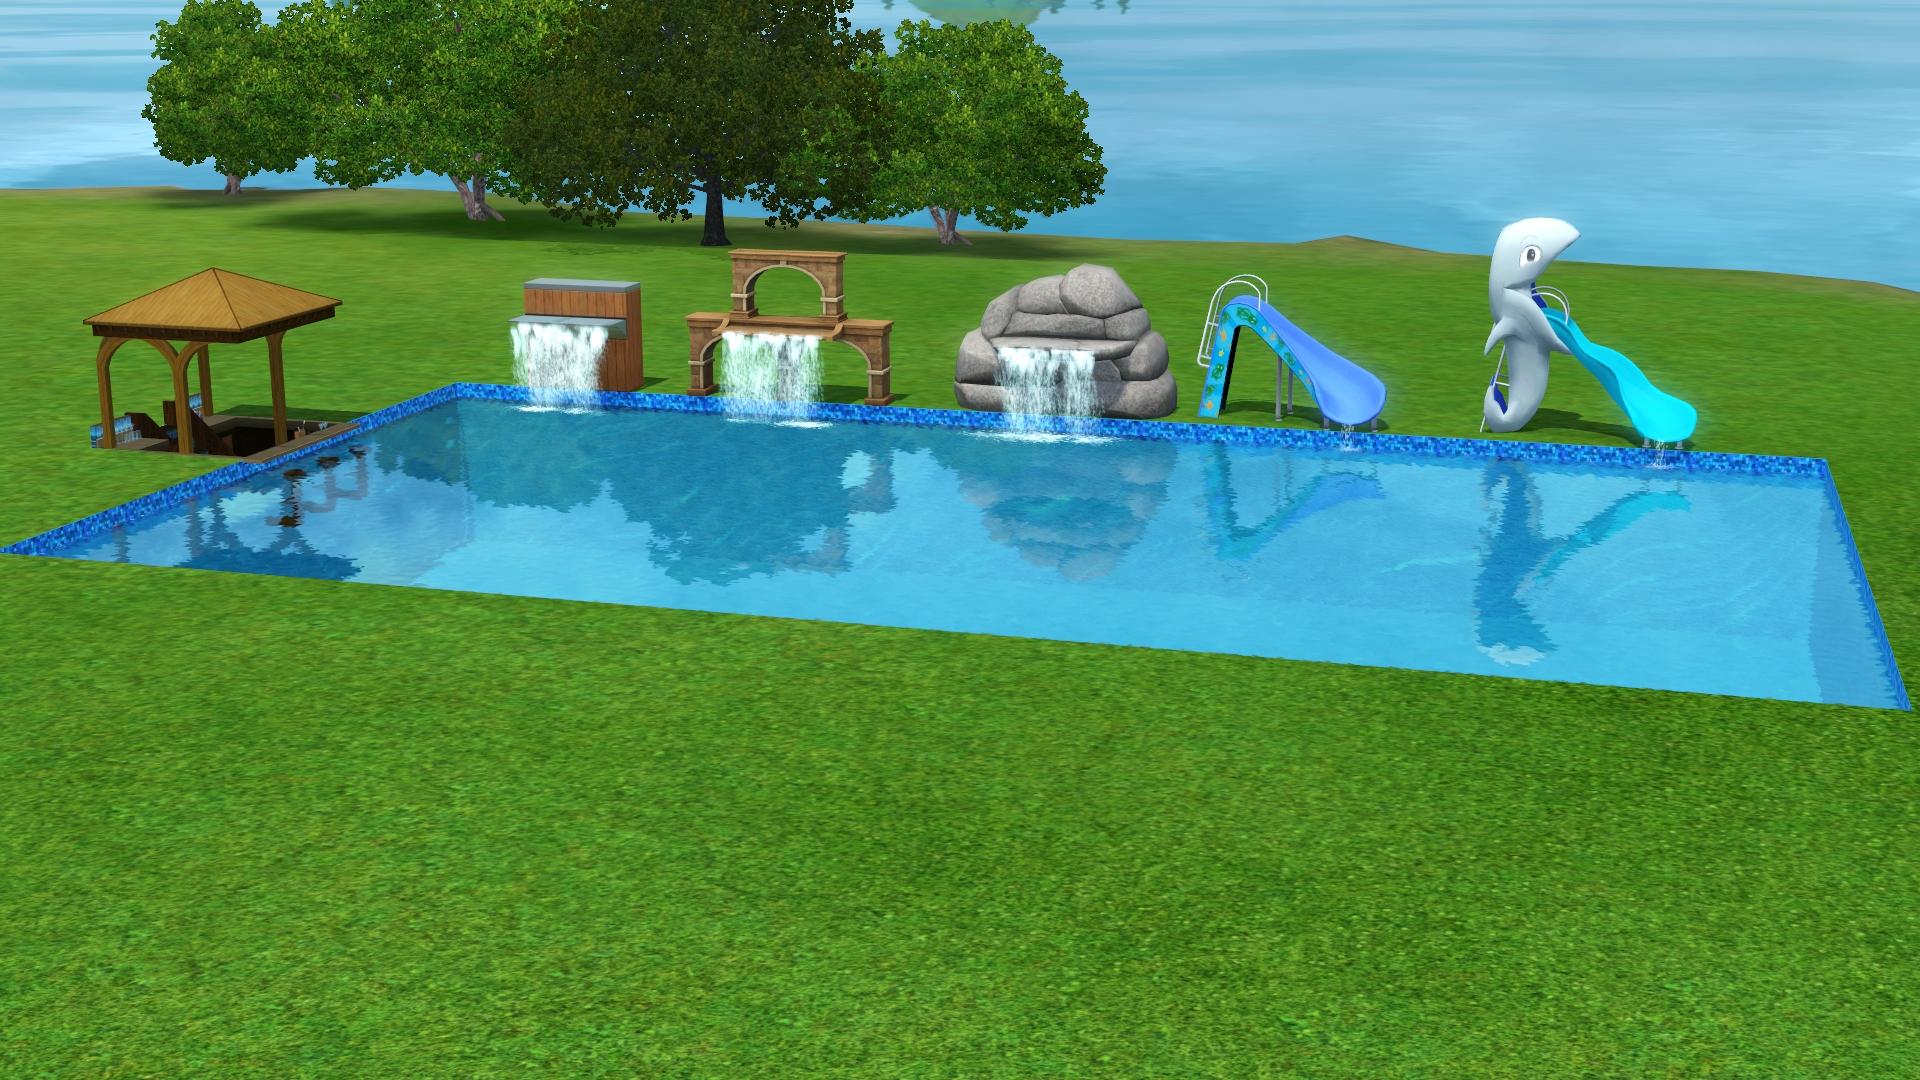 Zwembad 4 bij 3 fauteuil 2017 - Ontwikkeling rond een zwembad ...